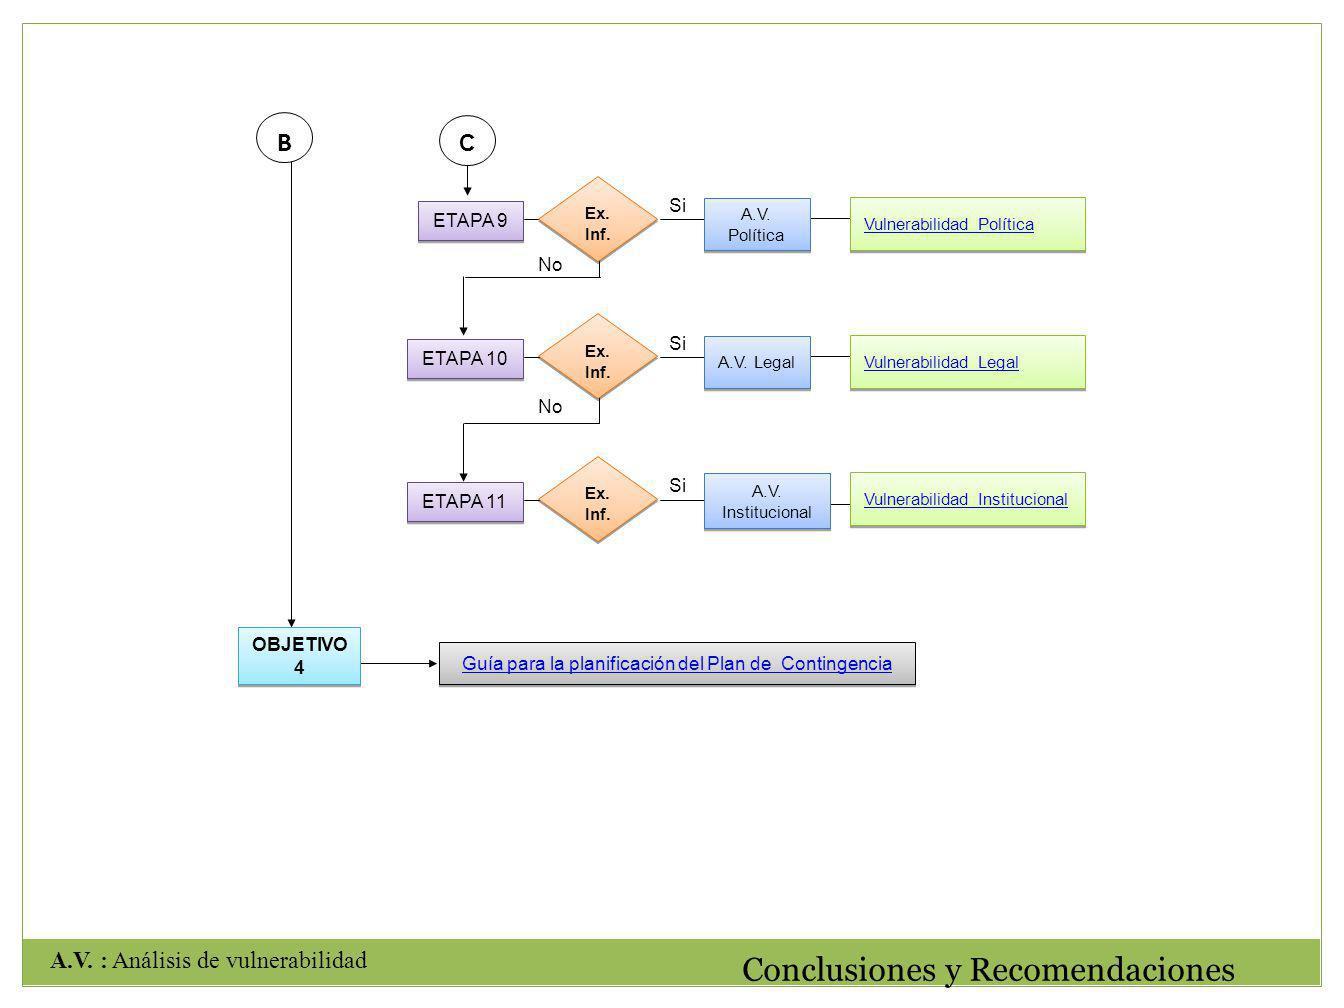 Guía para la planificación del Plan de Contingencia